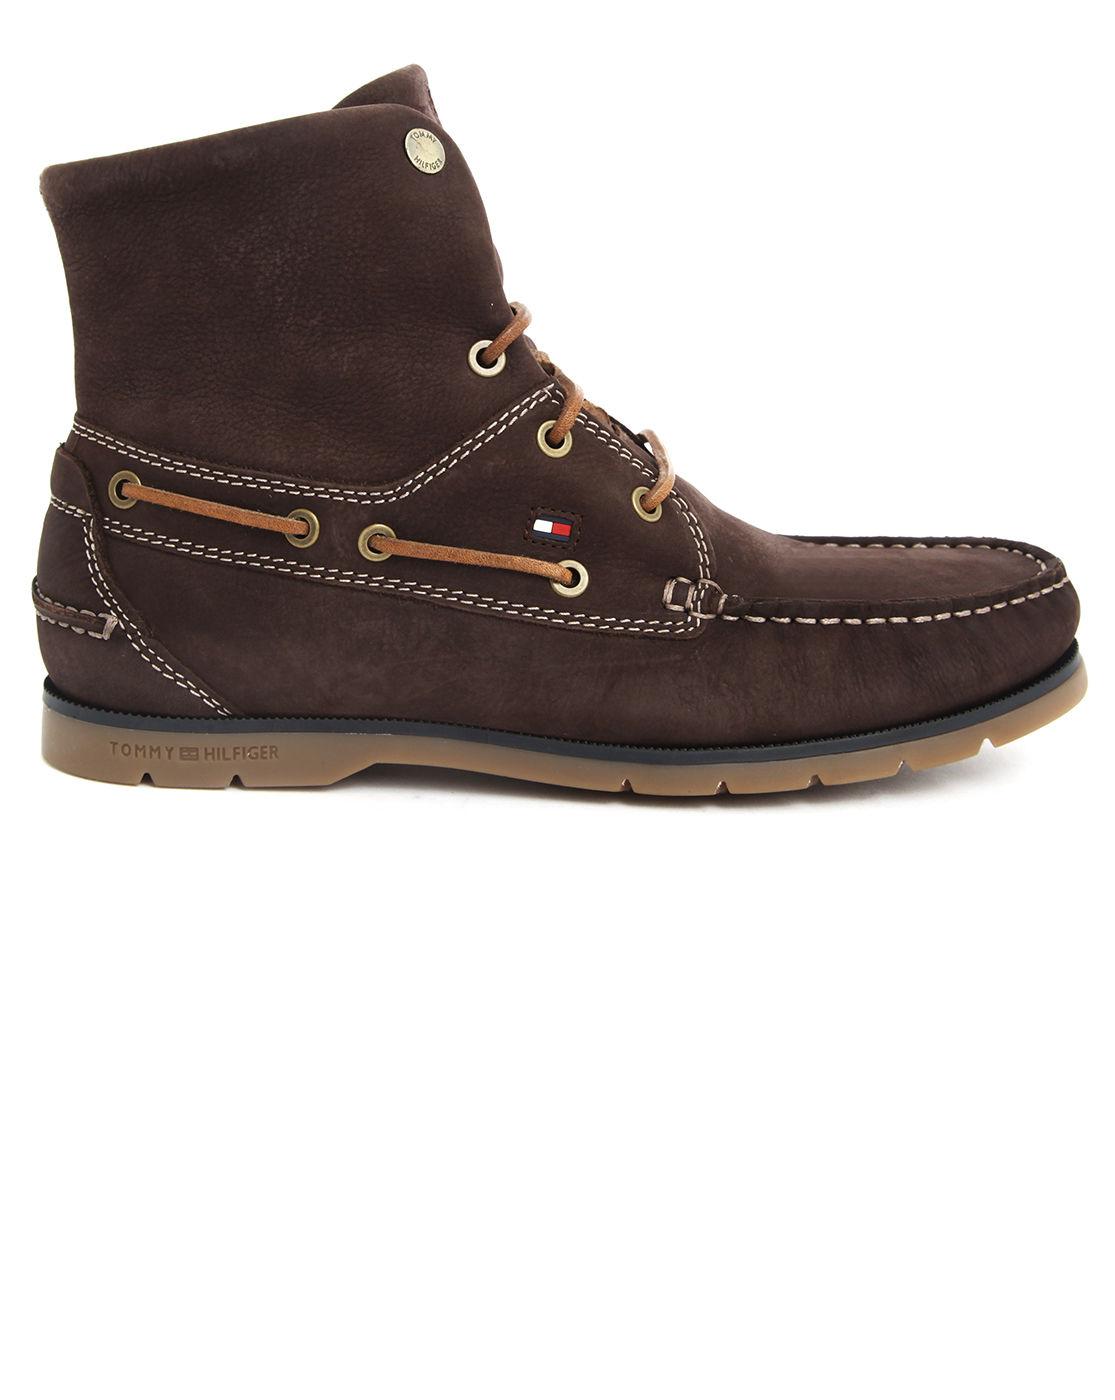 tommy hilfiger adjustable top brown nubuck shoes in brown. Black Bedroom Furniture Sets. Home Design Ideas